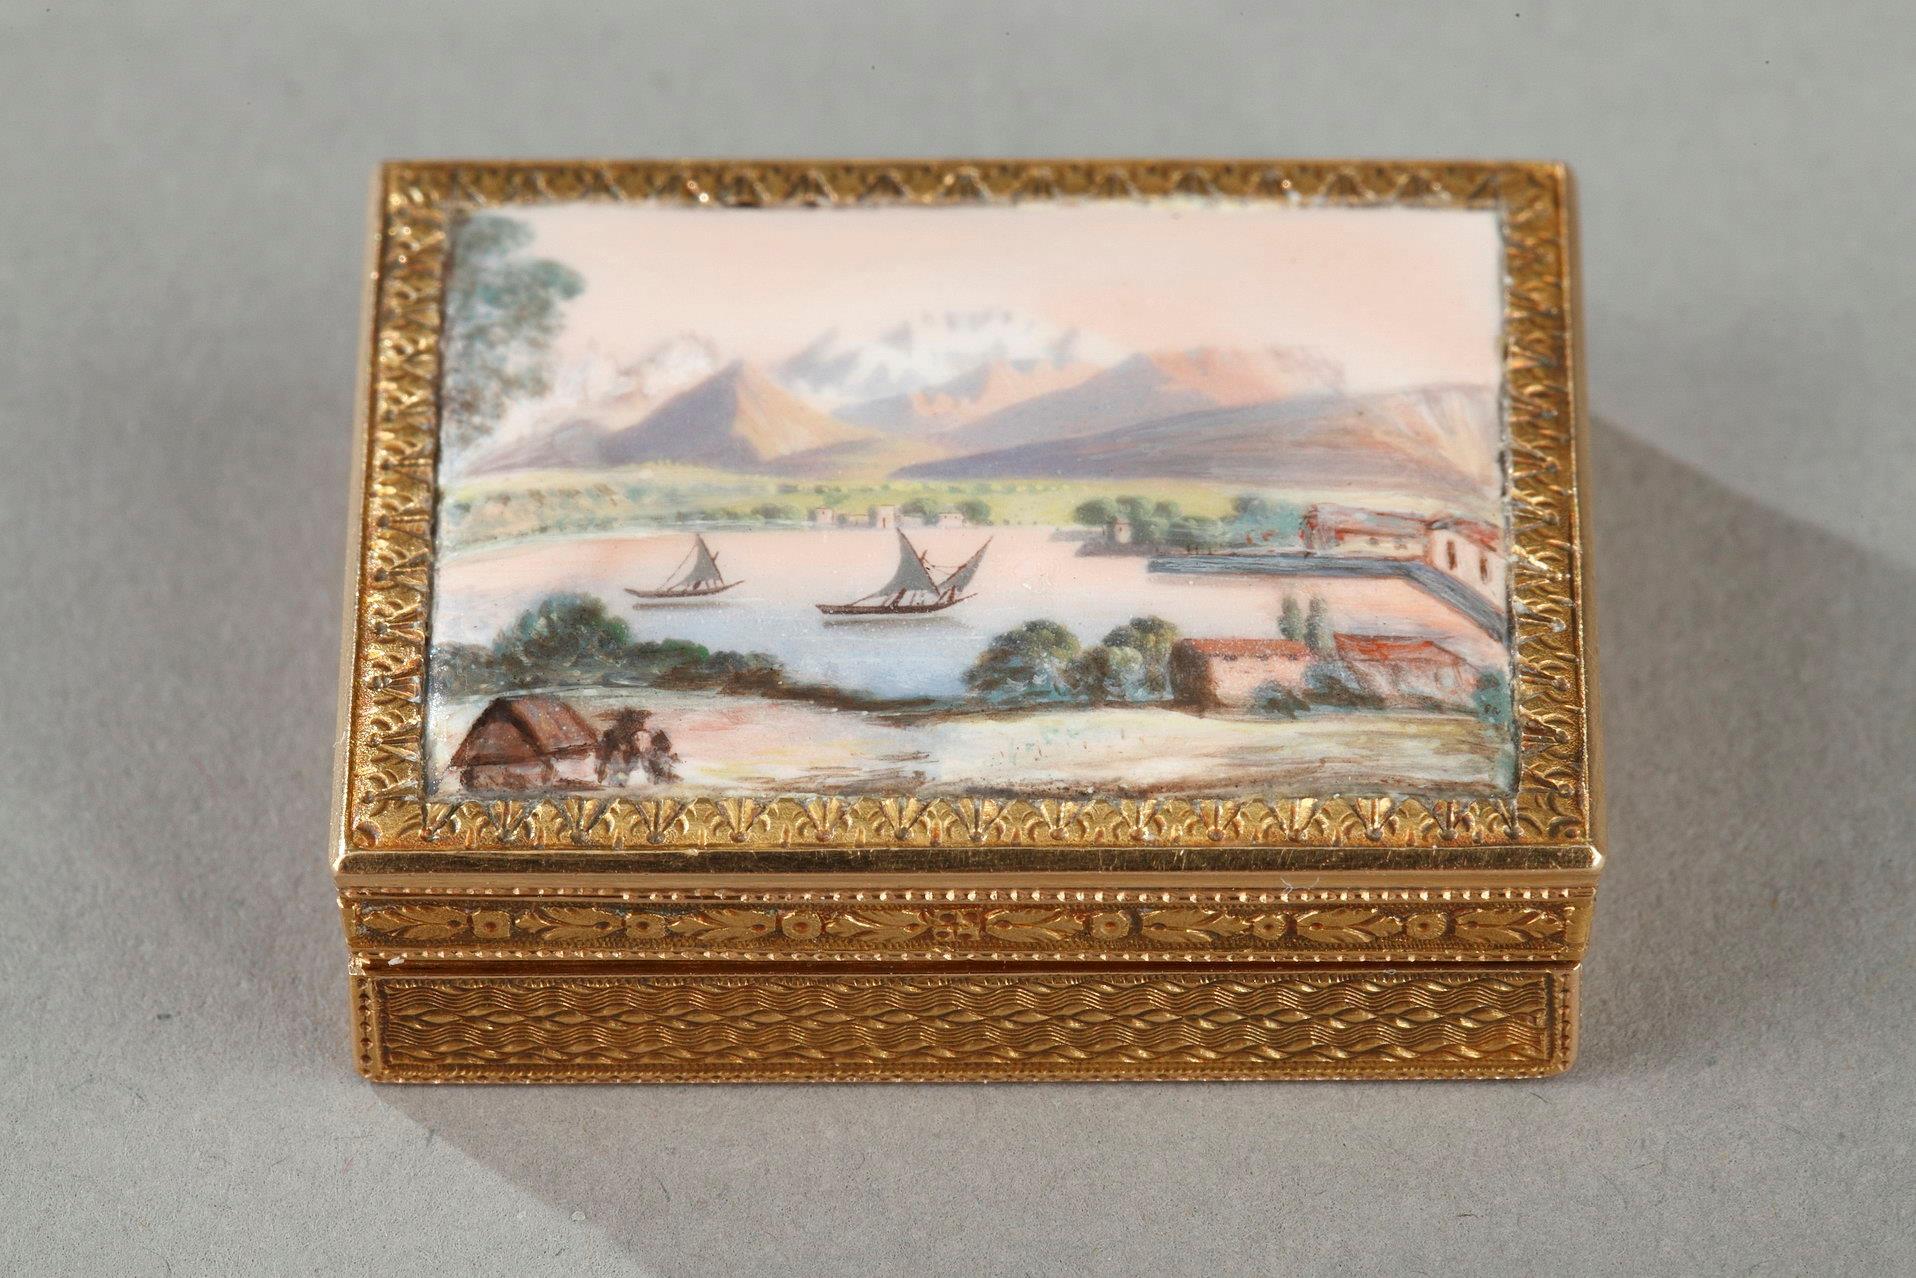 ENAMELED GOLD VINAIGRETTE. <br/> EARLY 19TH CENTURY WORK.